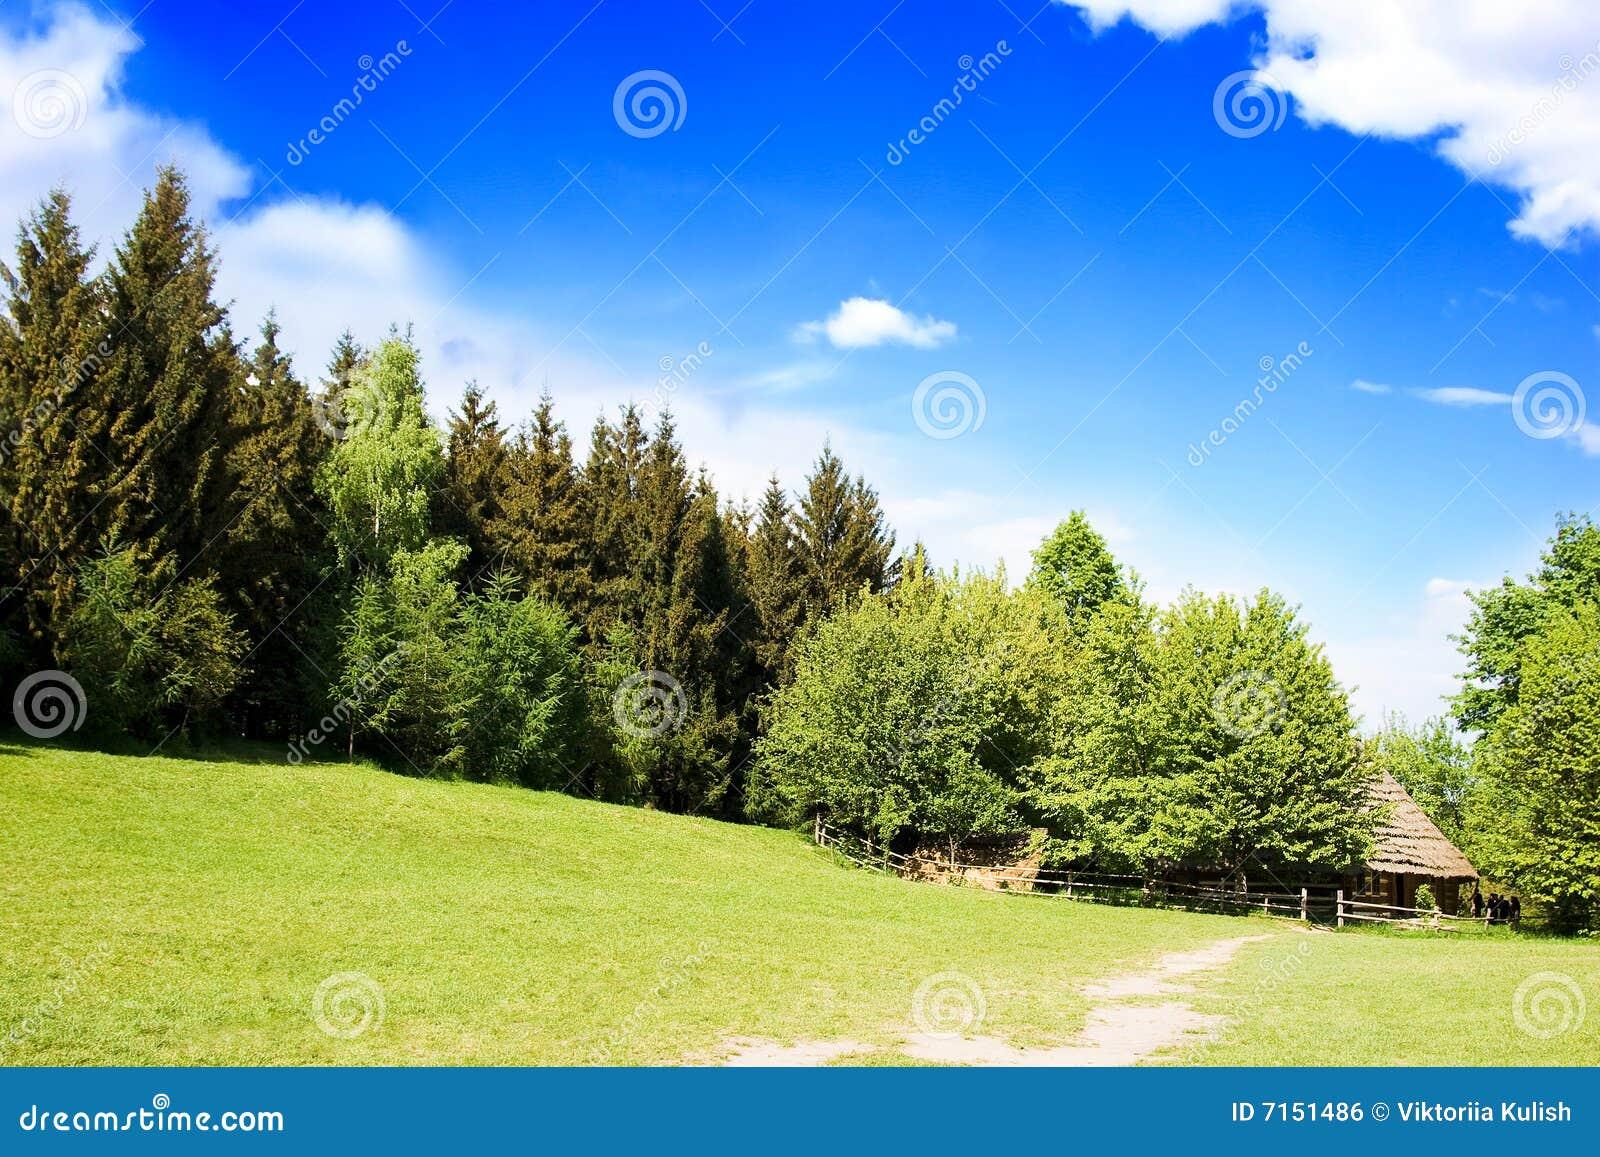 Registro-casa rural en bosque